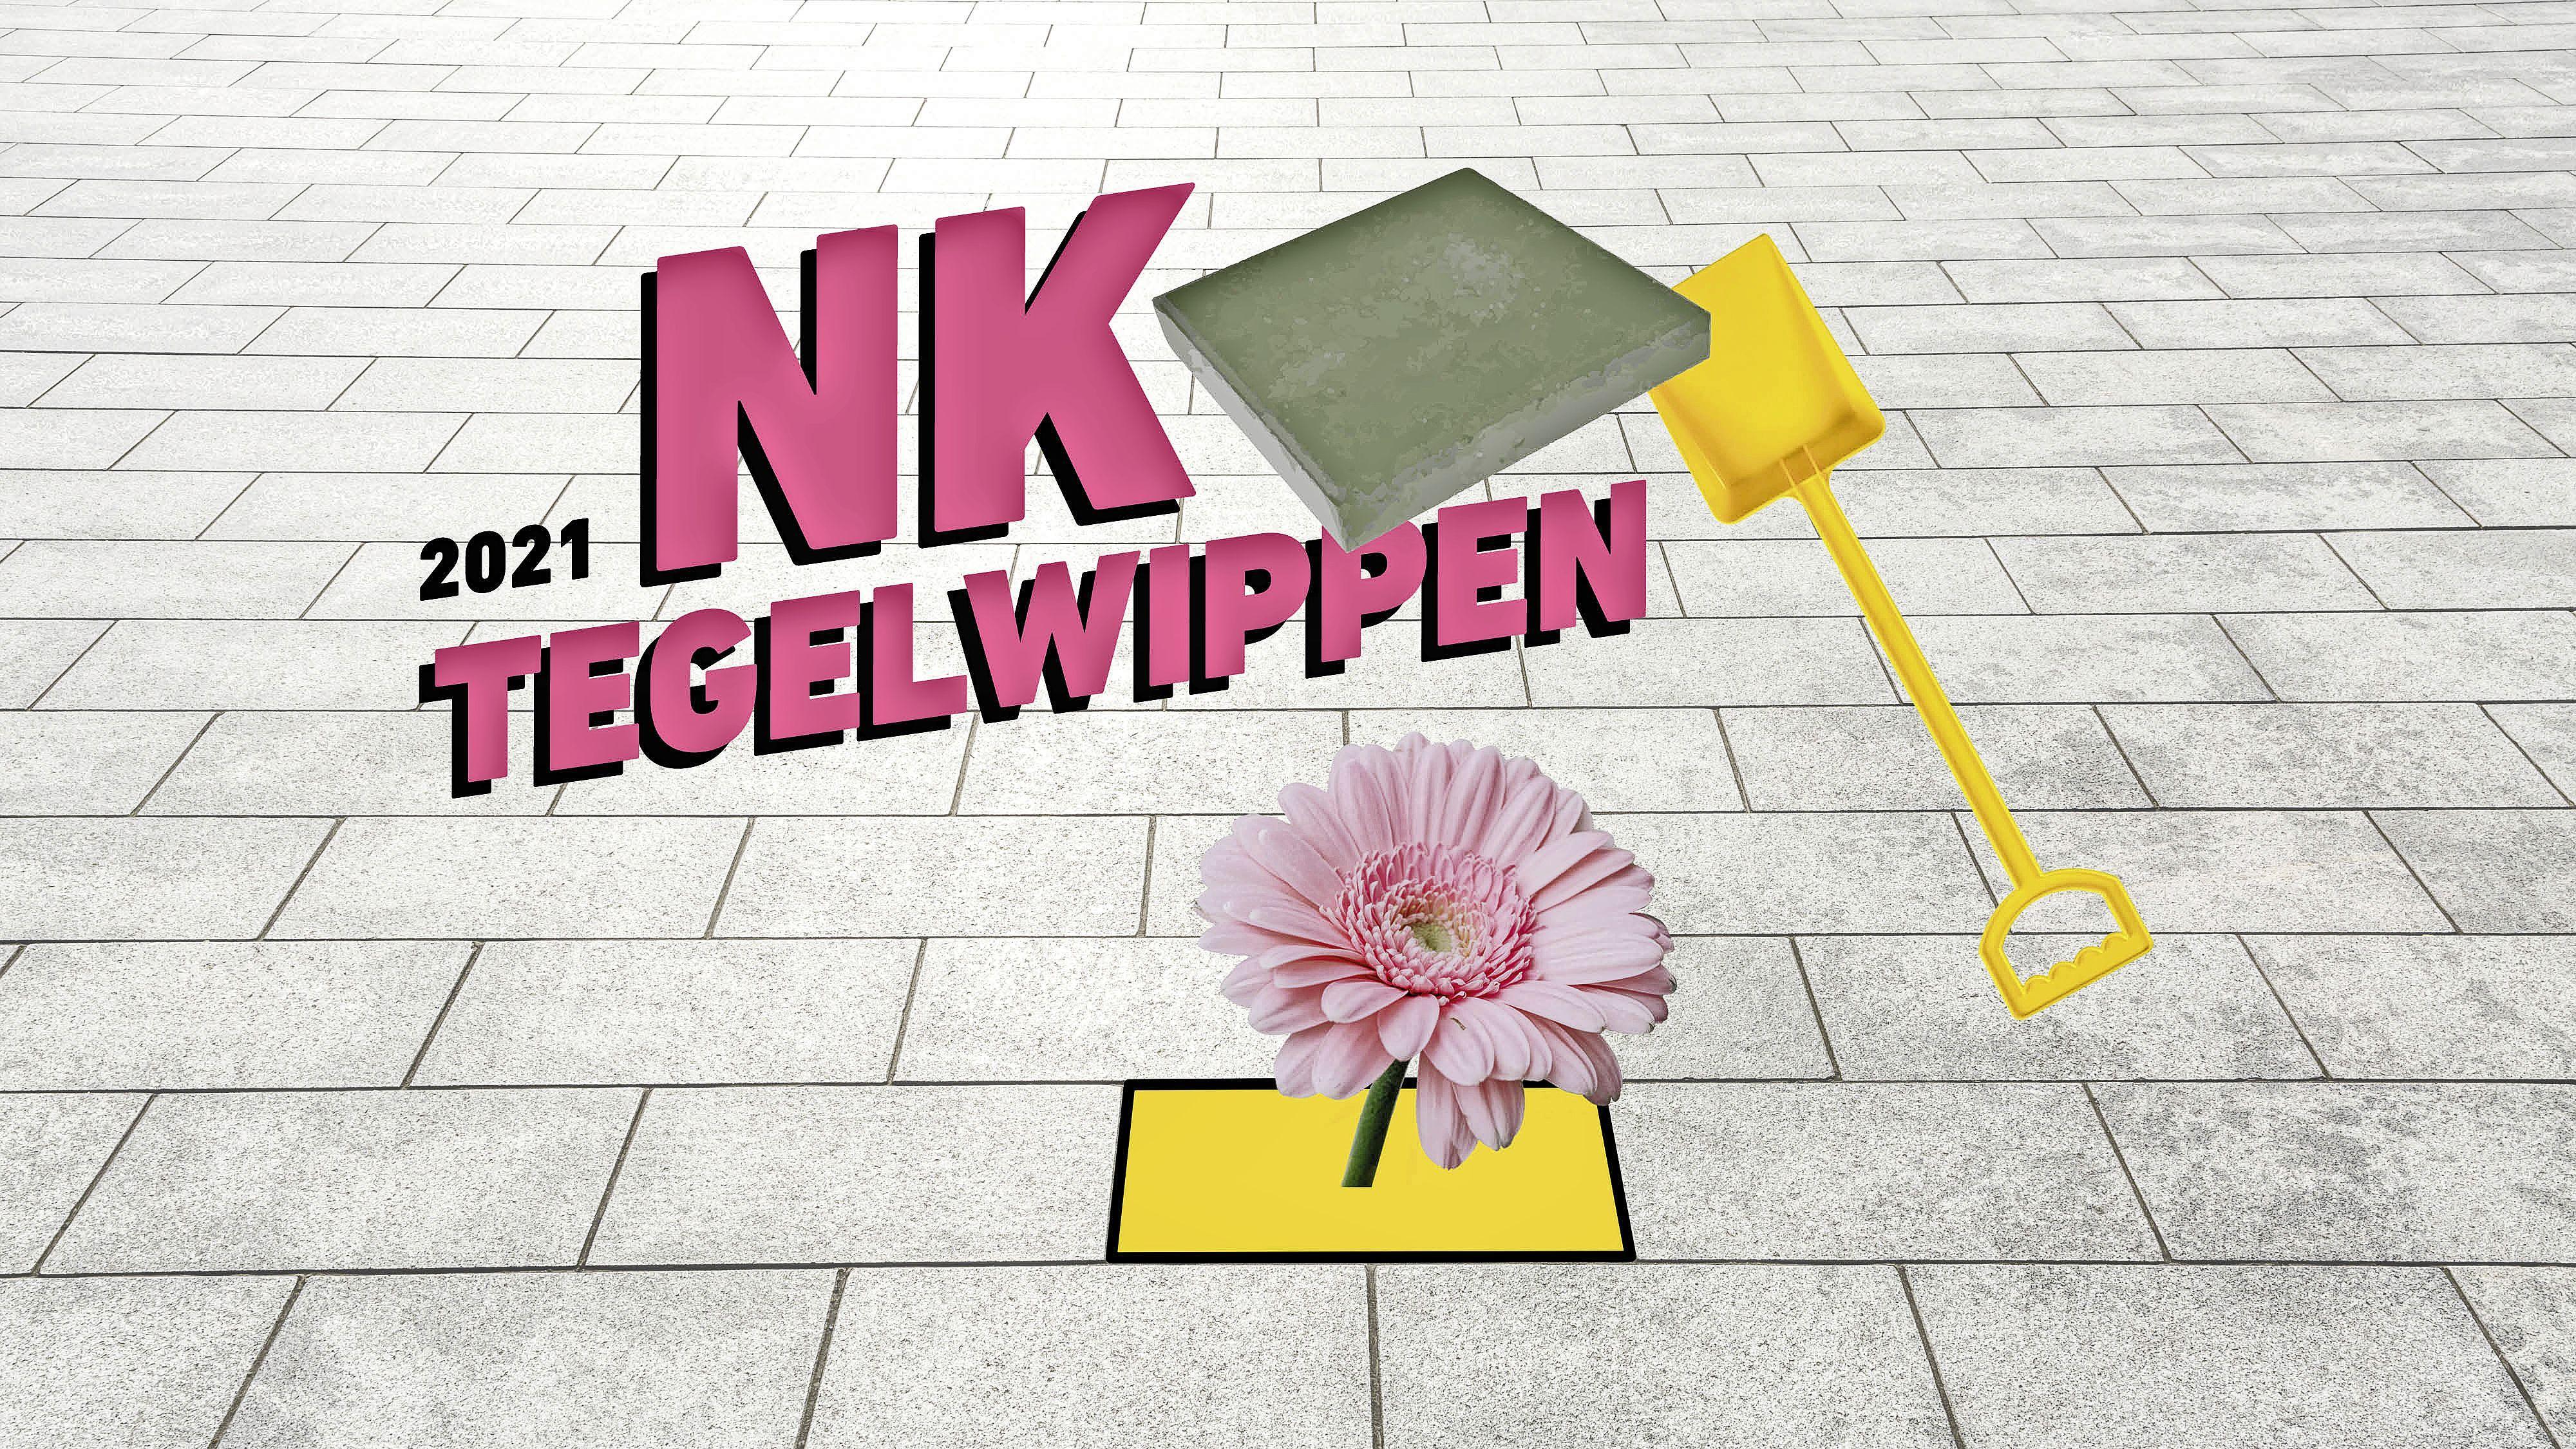 Het moet maar eens afgelopen zijn met al die stenen in straten en tuinen: Weesp doet mee aan NK Tegelwippen om stad groener te maken; de Tegelpolitie deelt boetes uit aan 'tegeltuinen'